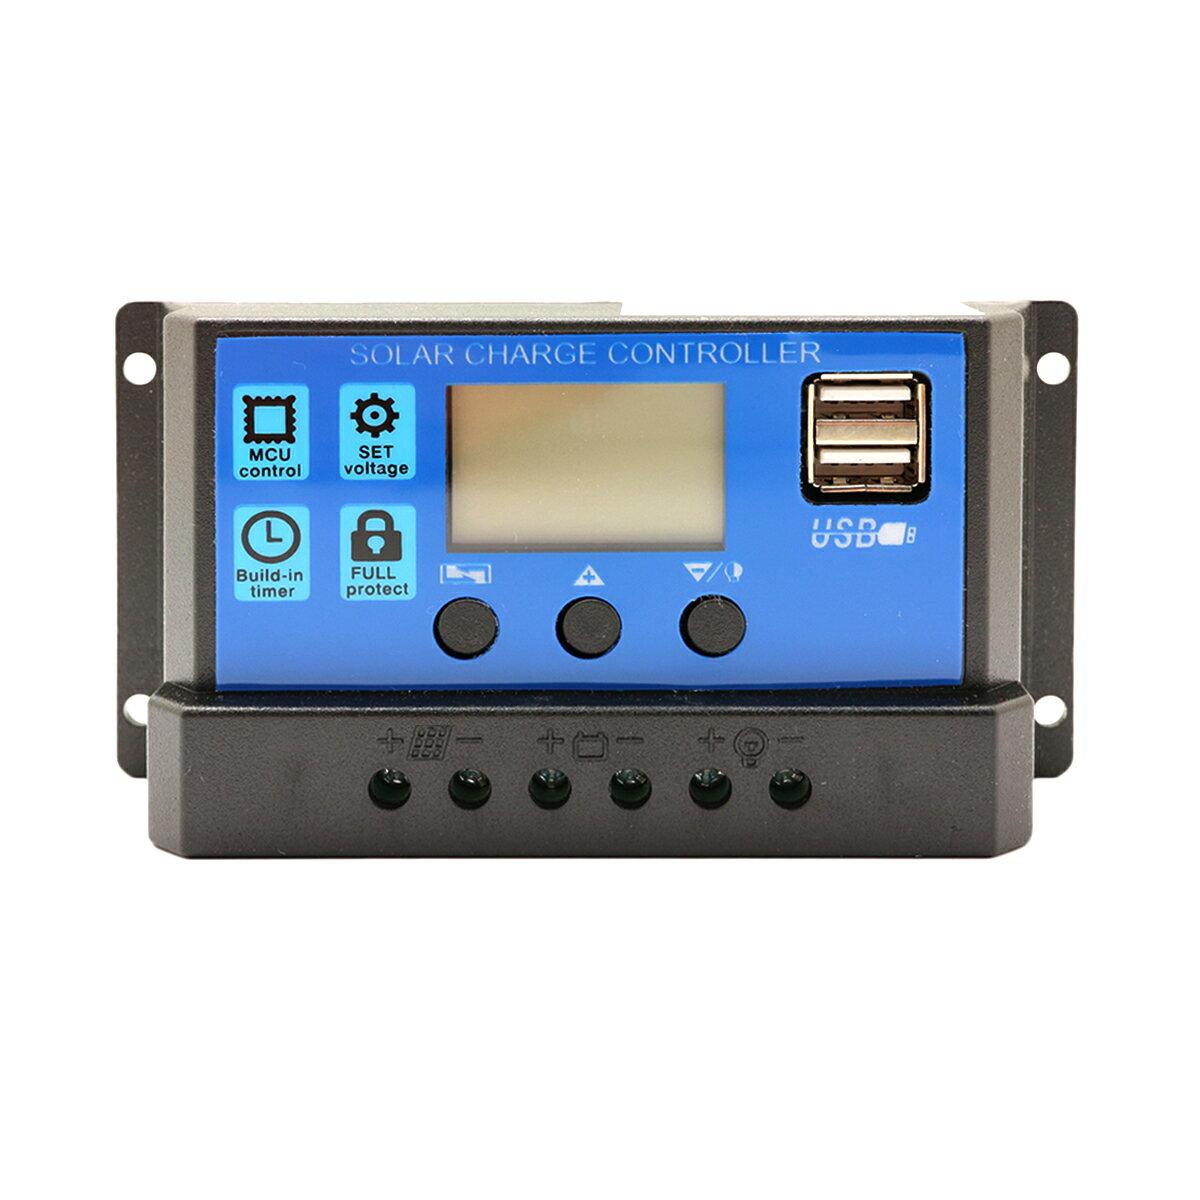 30A ソーラーパネル コントローラー チャージコントローラー PWM式 12V/24V LCDデュアル液晶 充電コントローラー レギュレーター USB付き ソーラーチャージ 太陽光発電